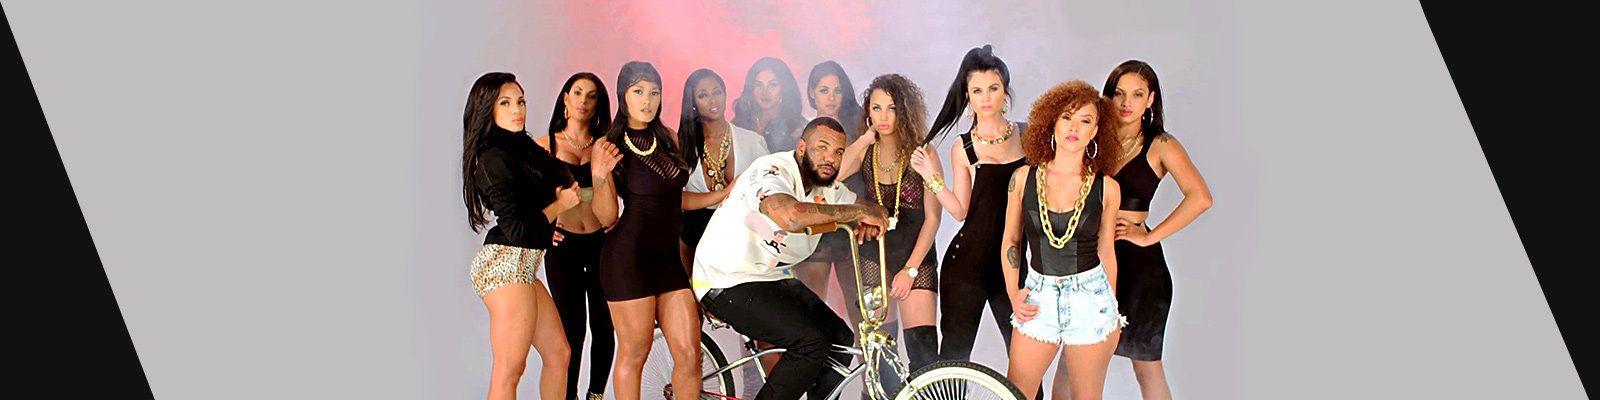 SCARICA DA VH1